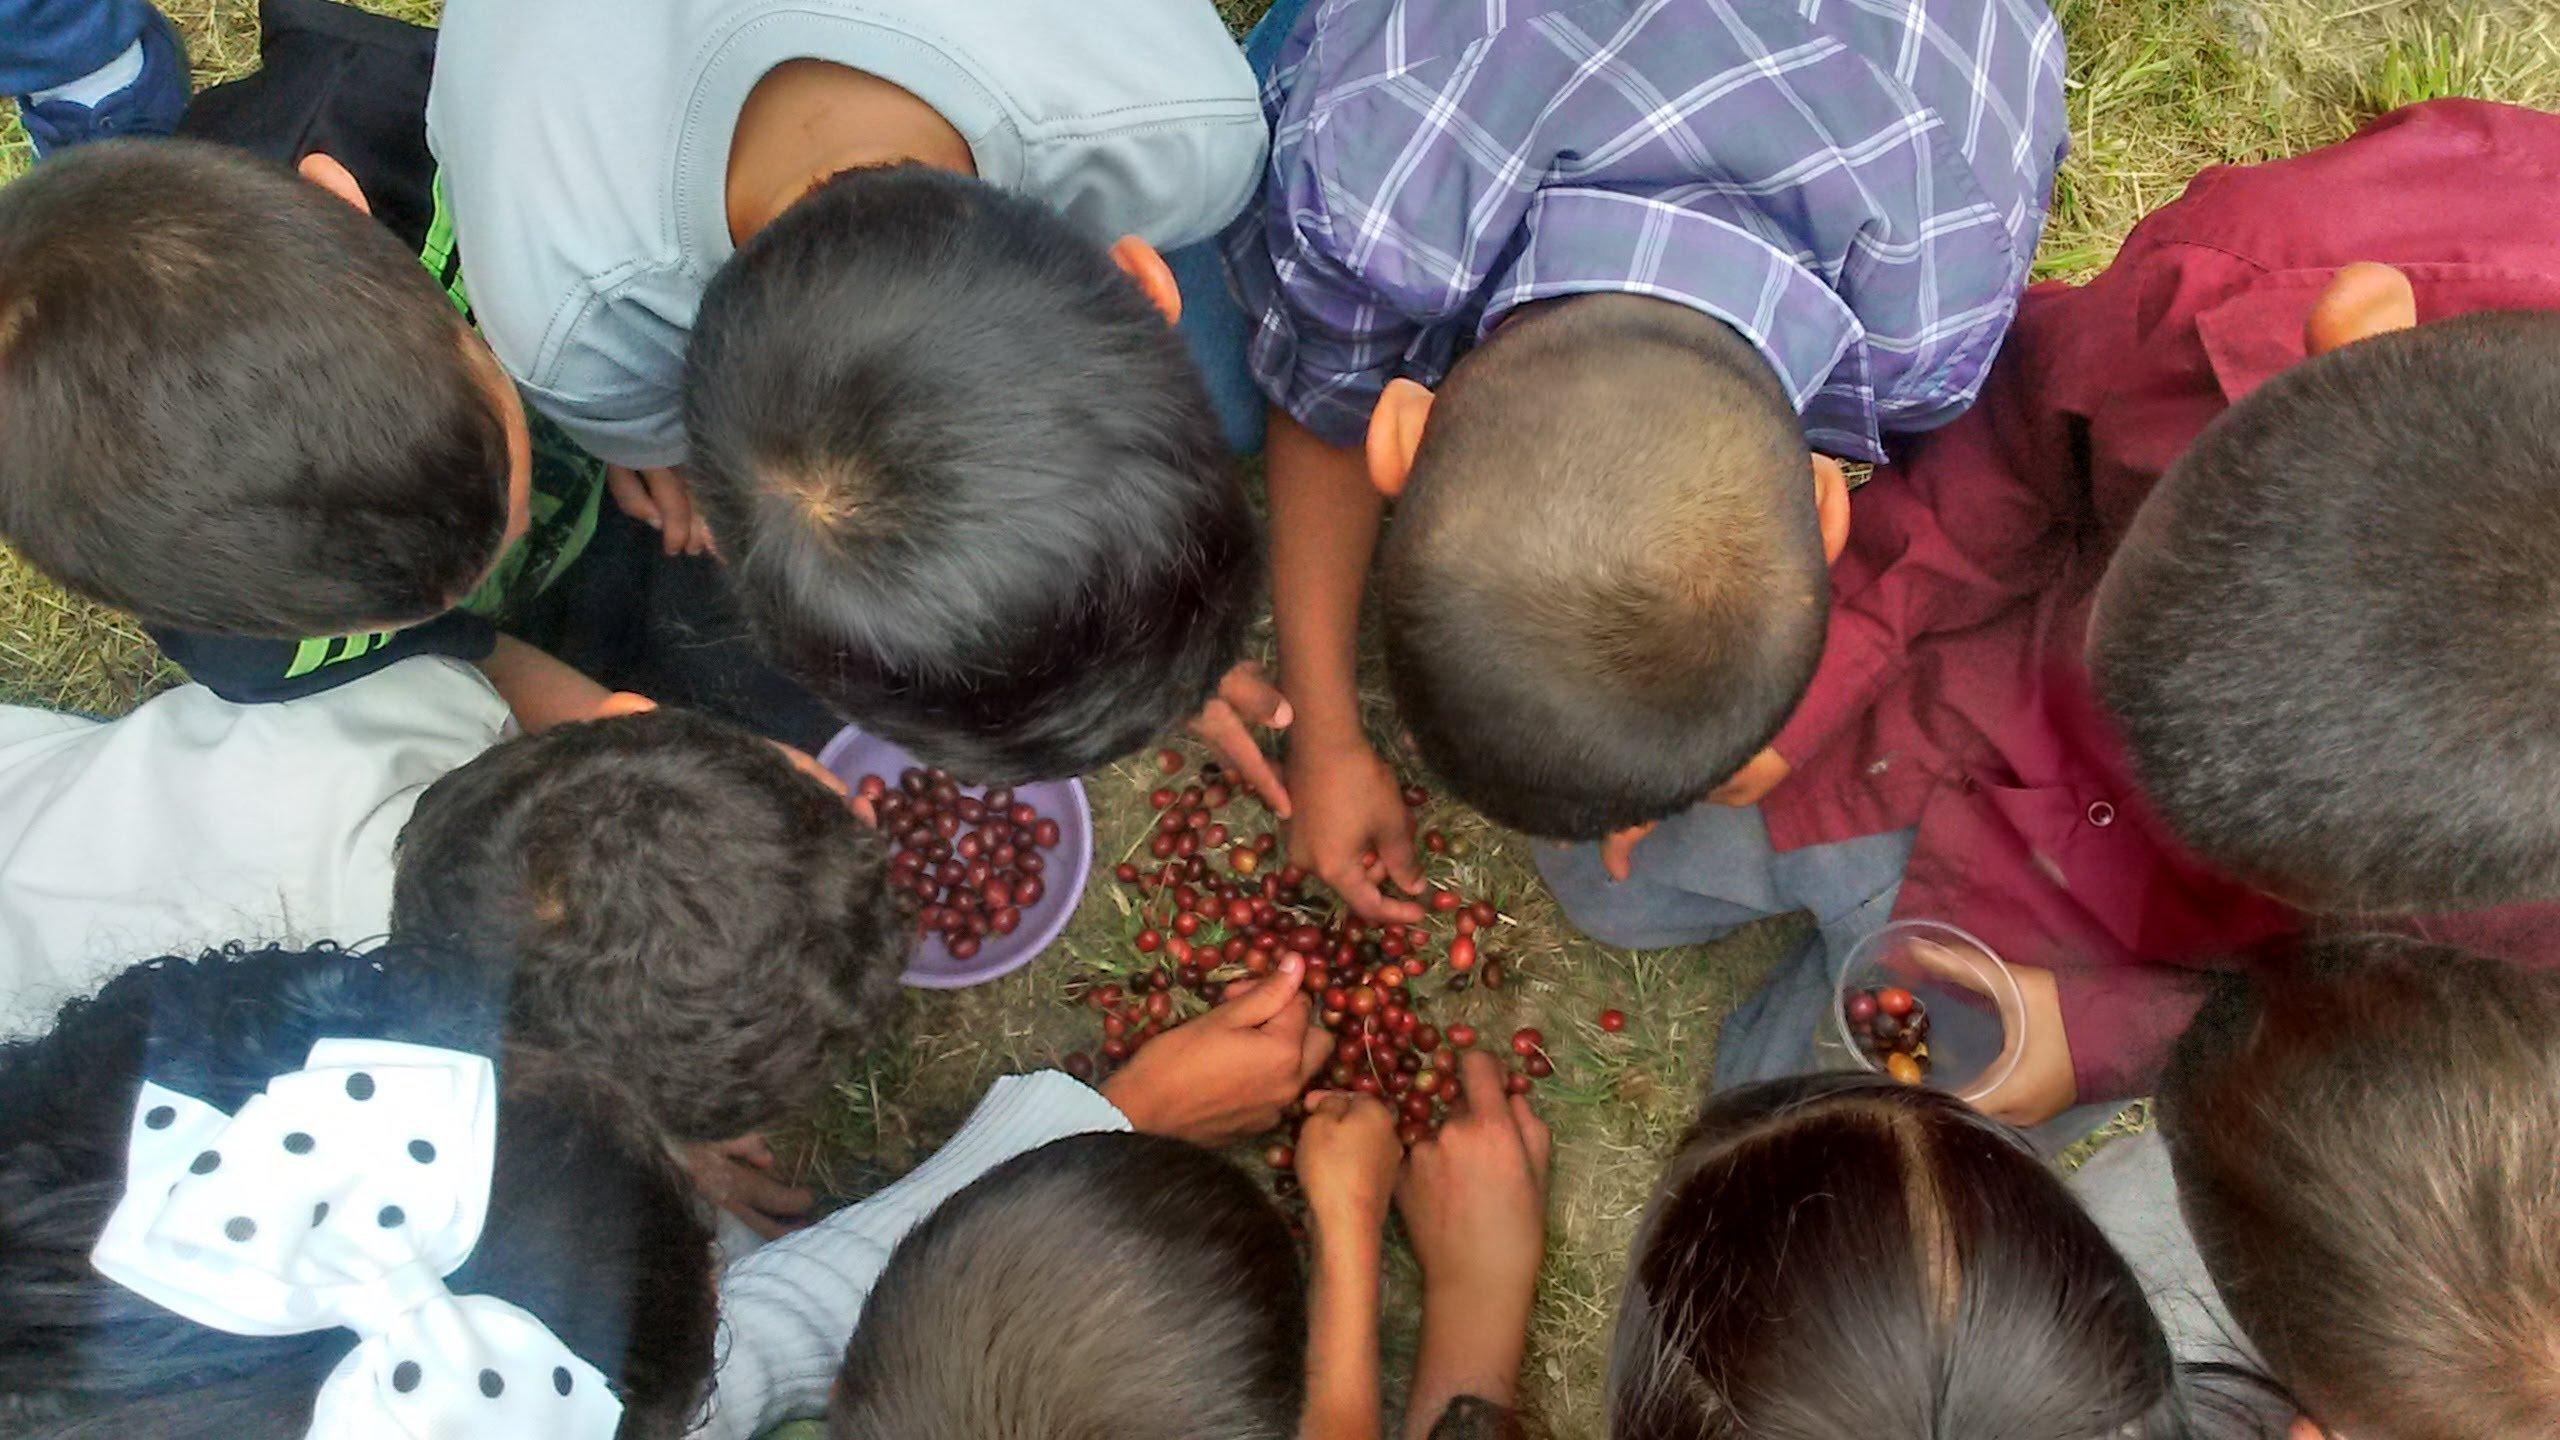 Entendiendo un poco más el Mercado de café para fines de conservación